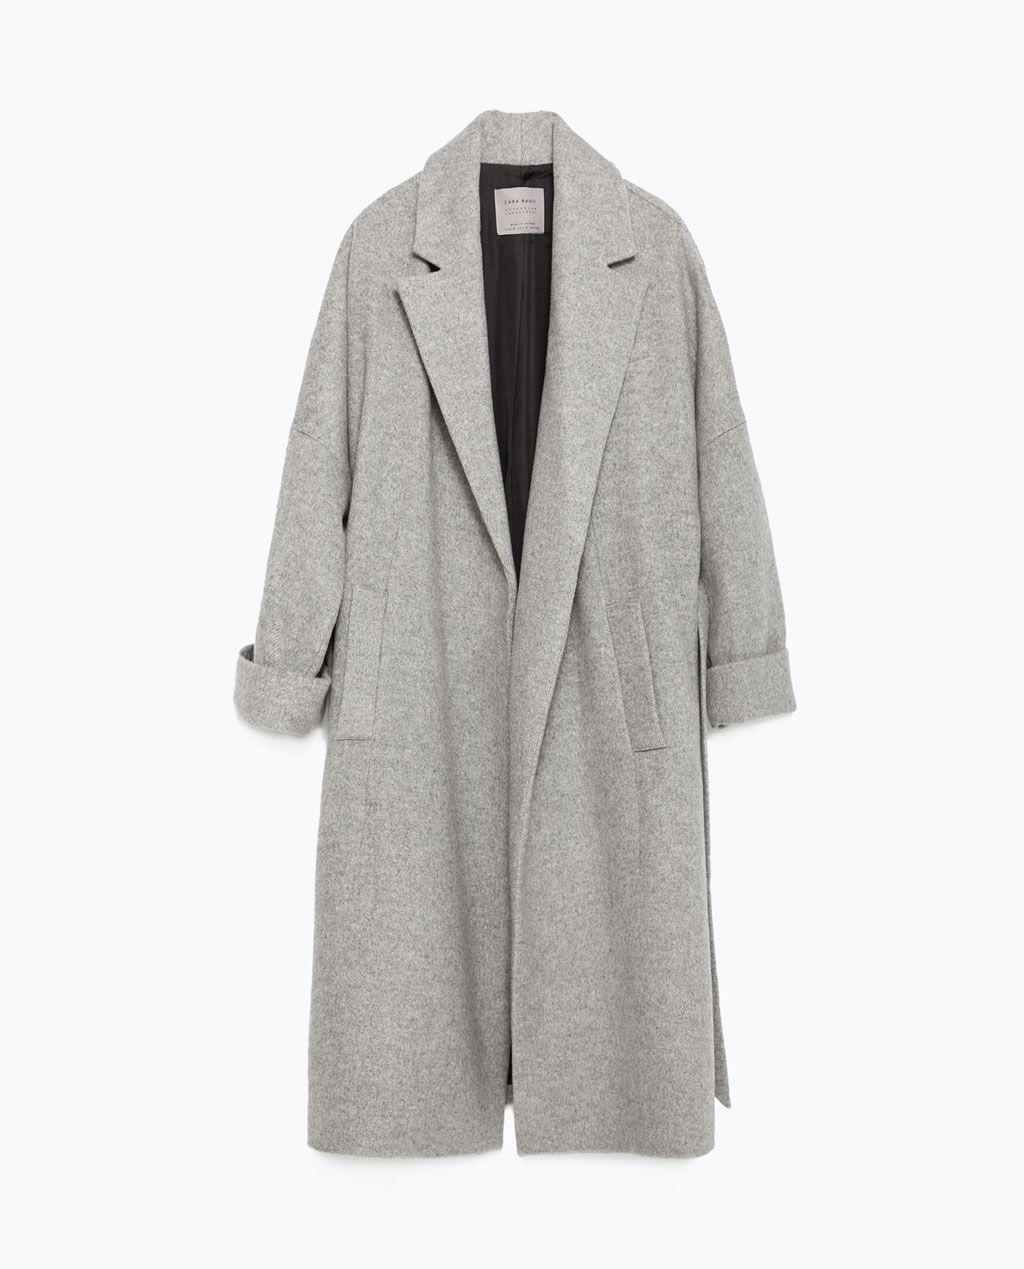 Extrêmement MANTEAU EN LAINE - Zara | COATS | Pinterest | Manteau en laine  CI56